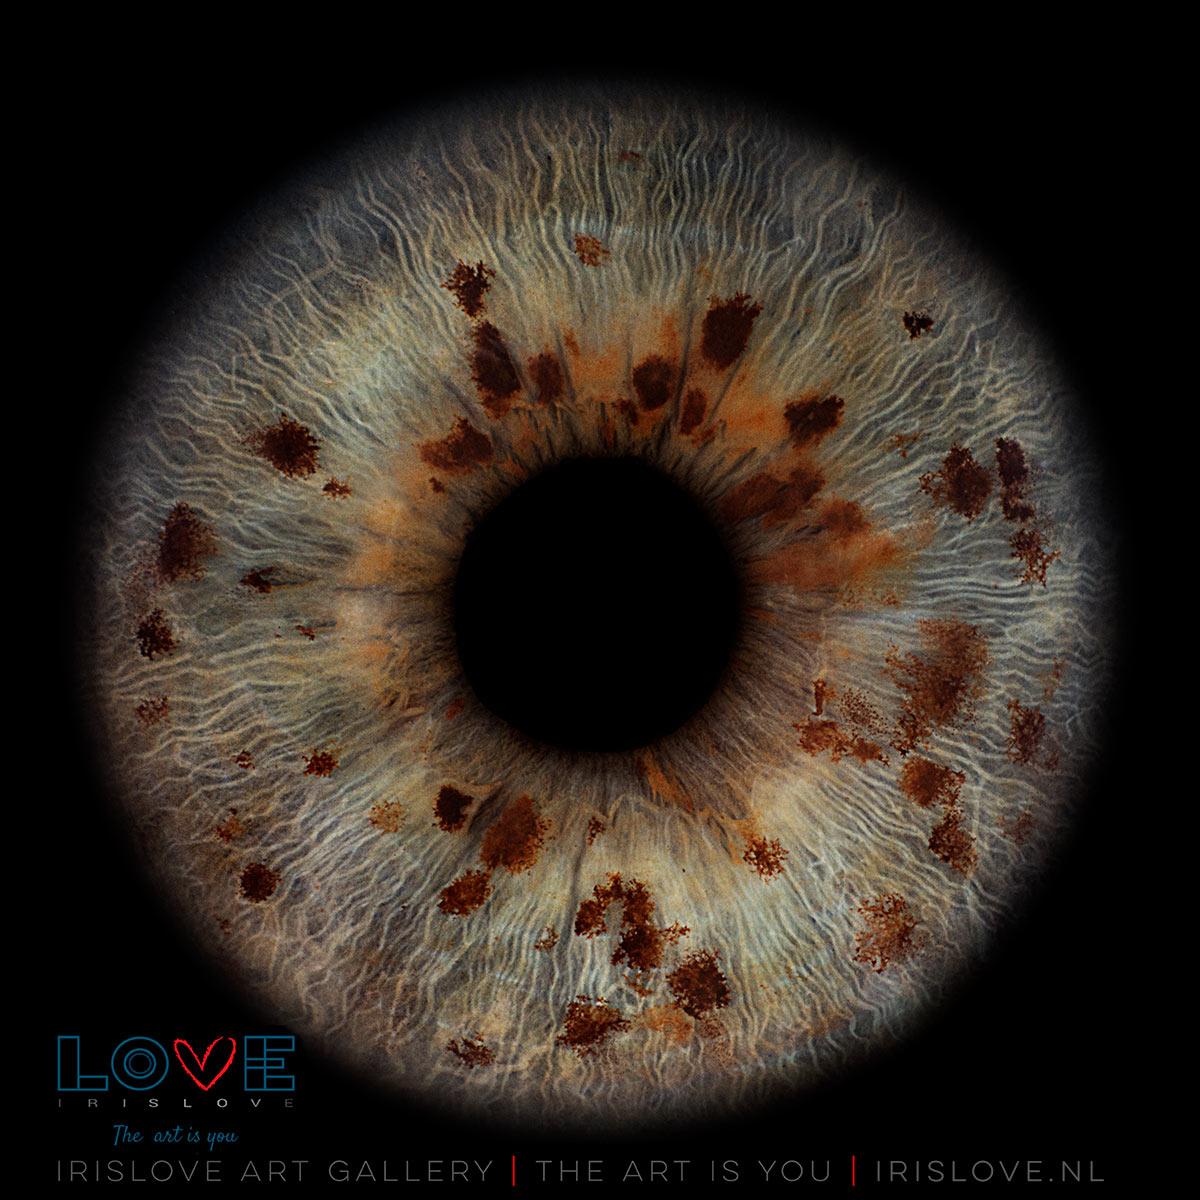 vlekken in je ogen